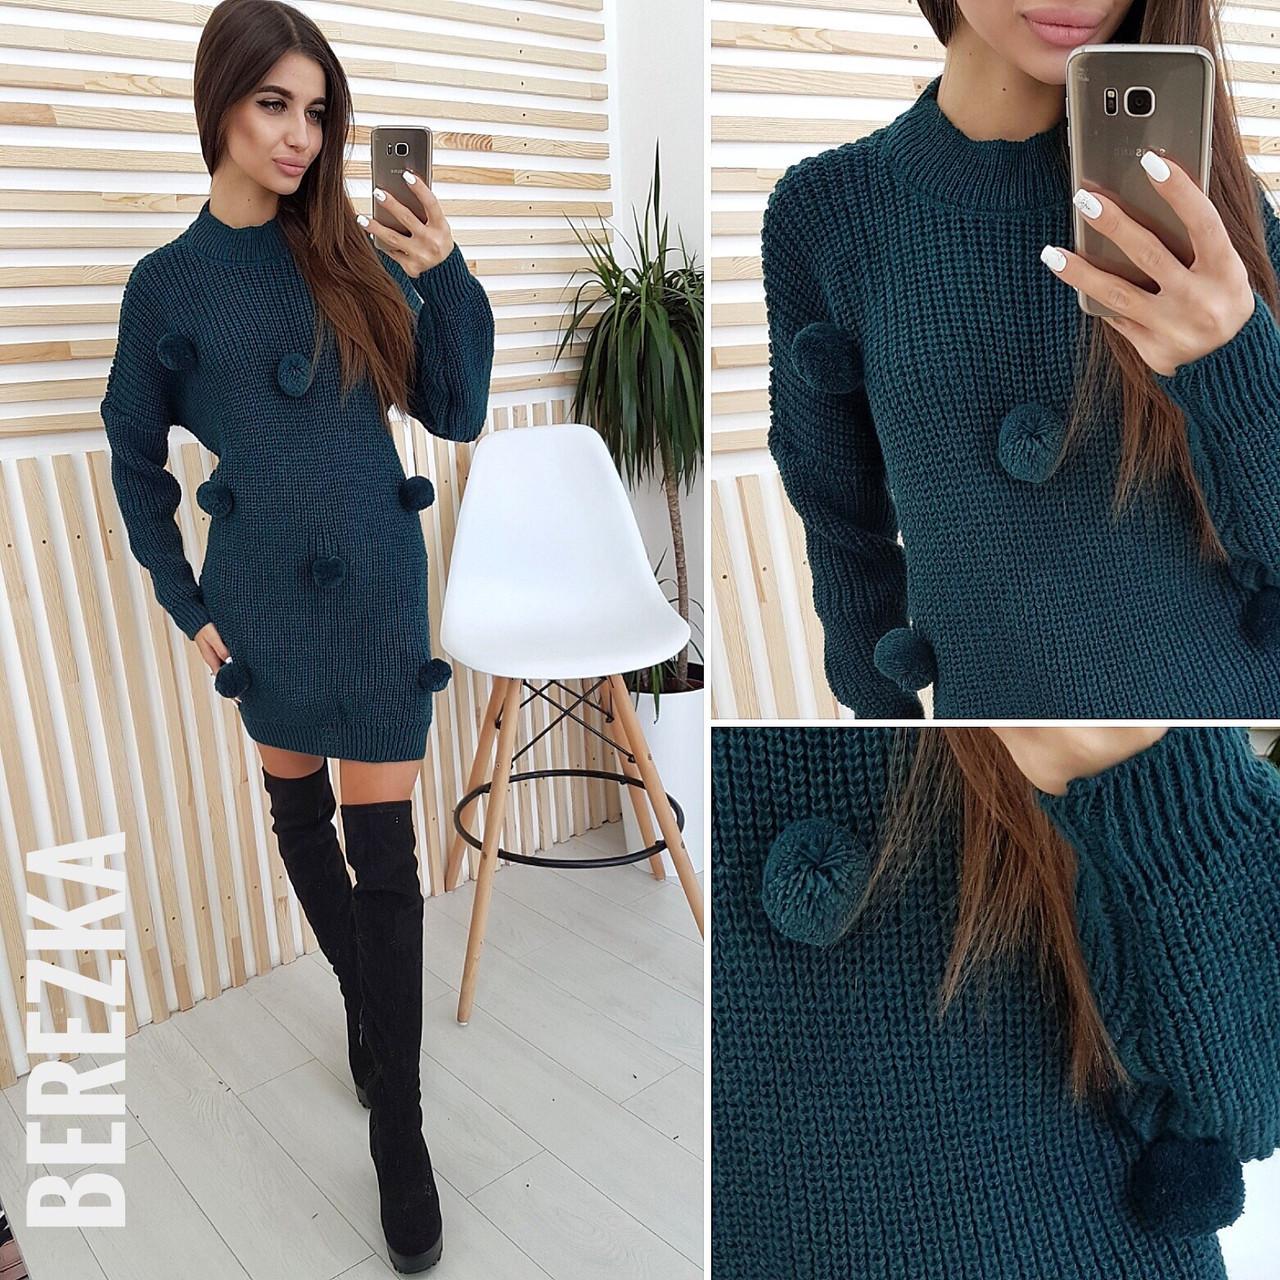 Теплое Зимнее платье туника (РАЗНЫЕ РАСЦВЕТКИ)  продажа, цена в ... a0bab6c0329